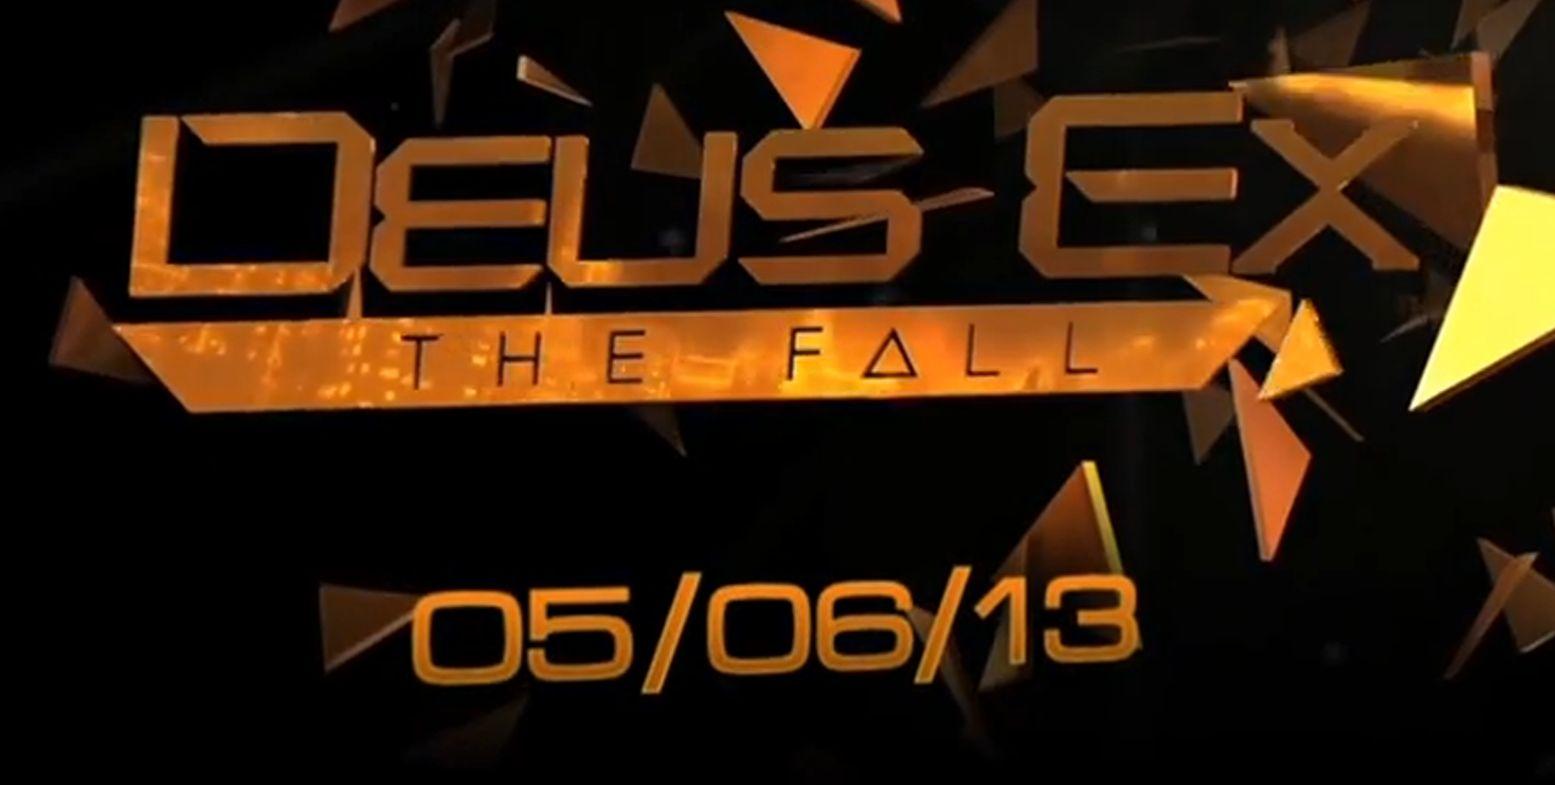 ¿Estas listo para comenzar? Eidos nos prepara para Deus Ex: The Fall [Teaser]